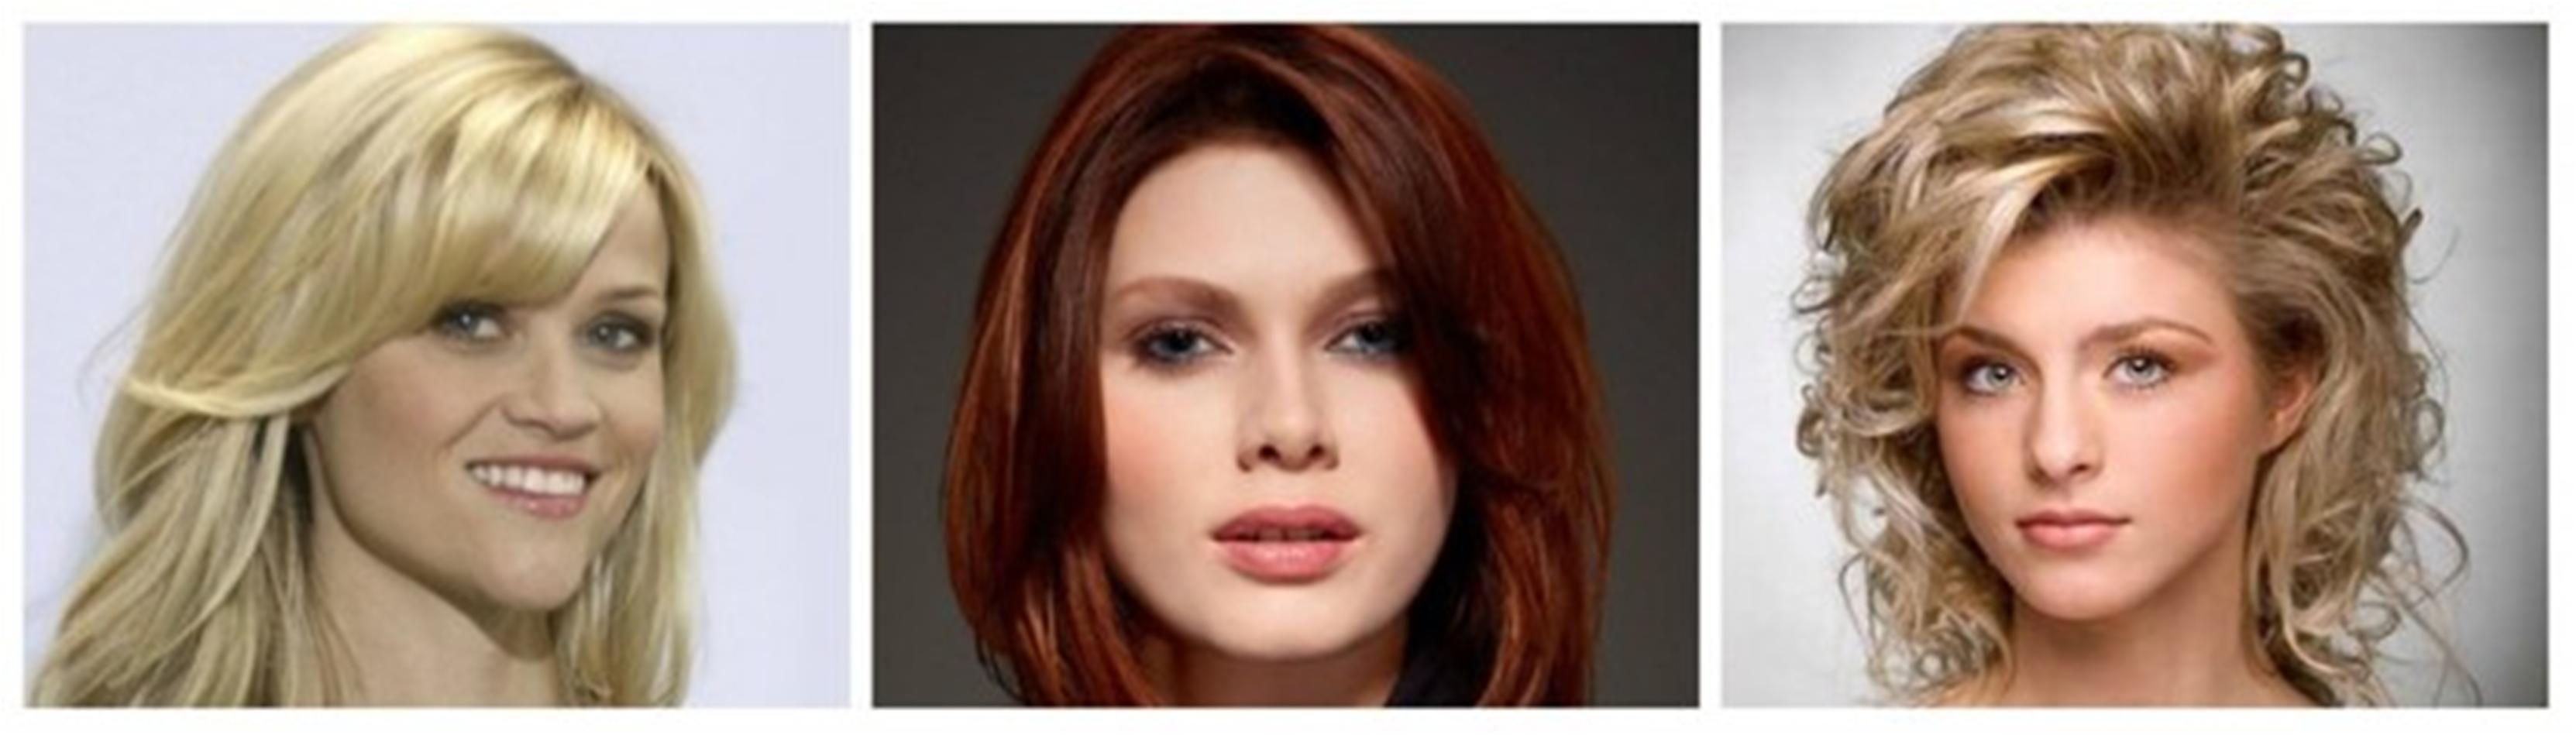 Седые волосы можно ли восстановить цвет